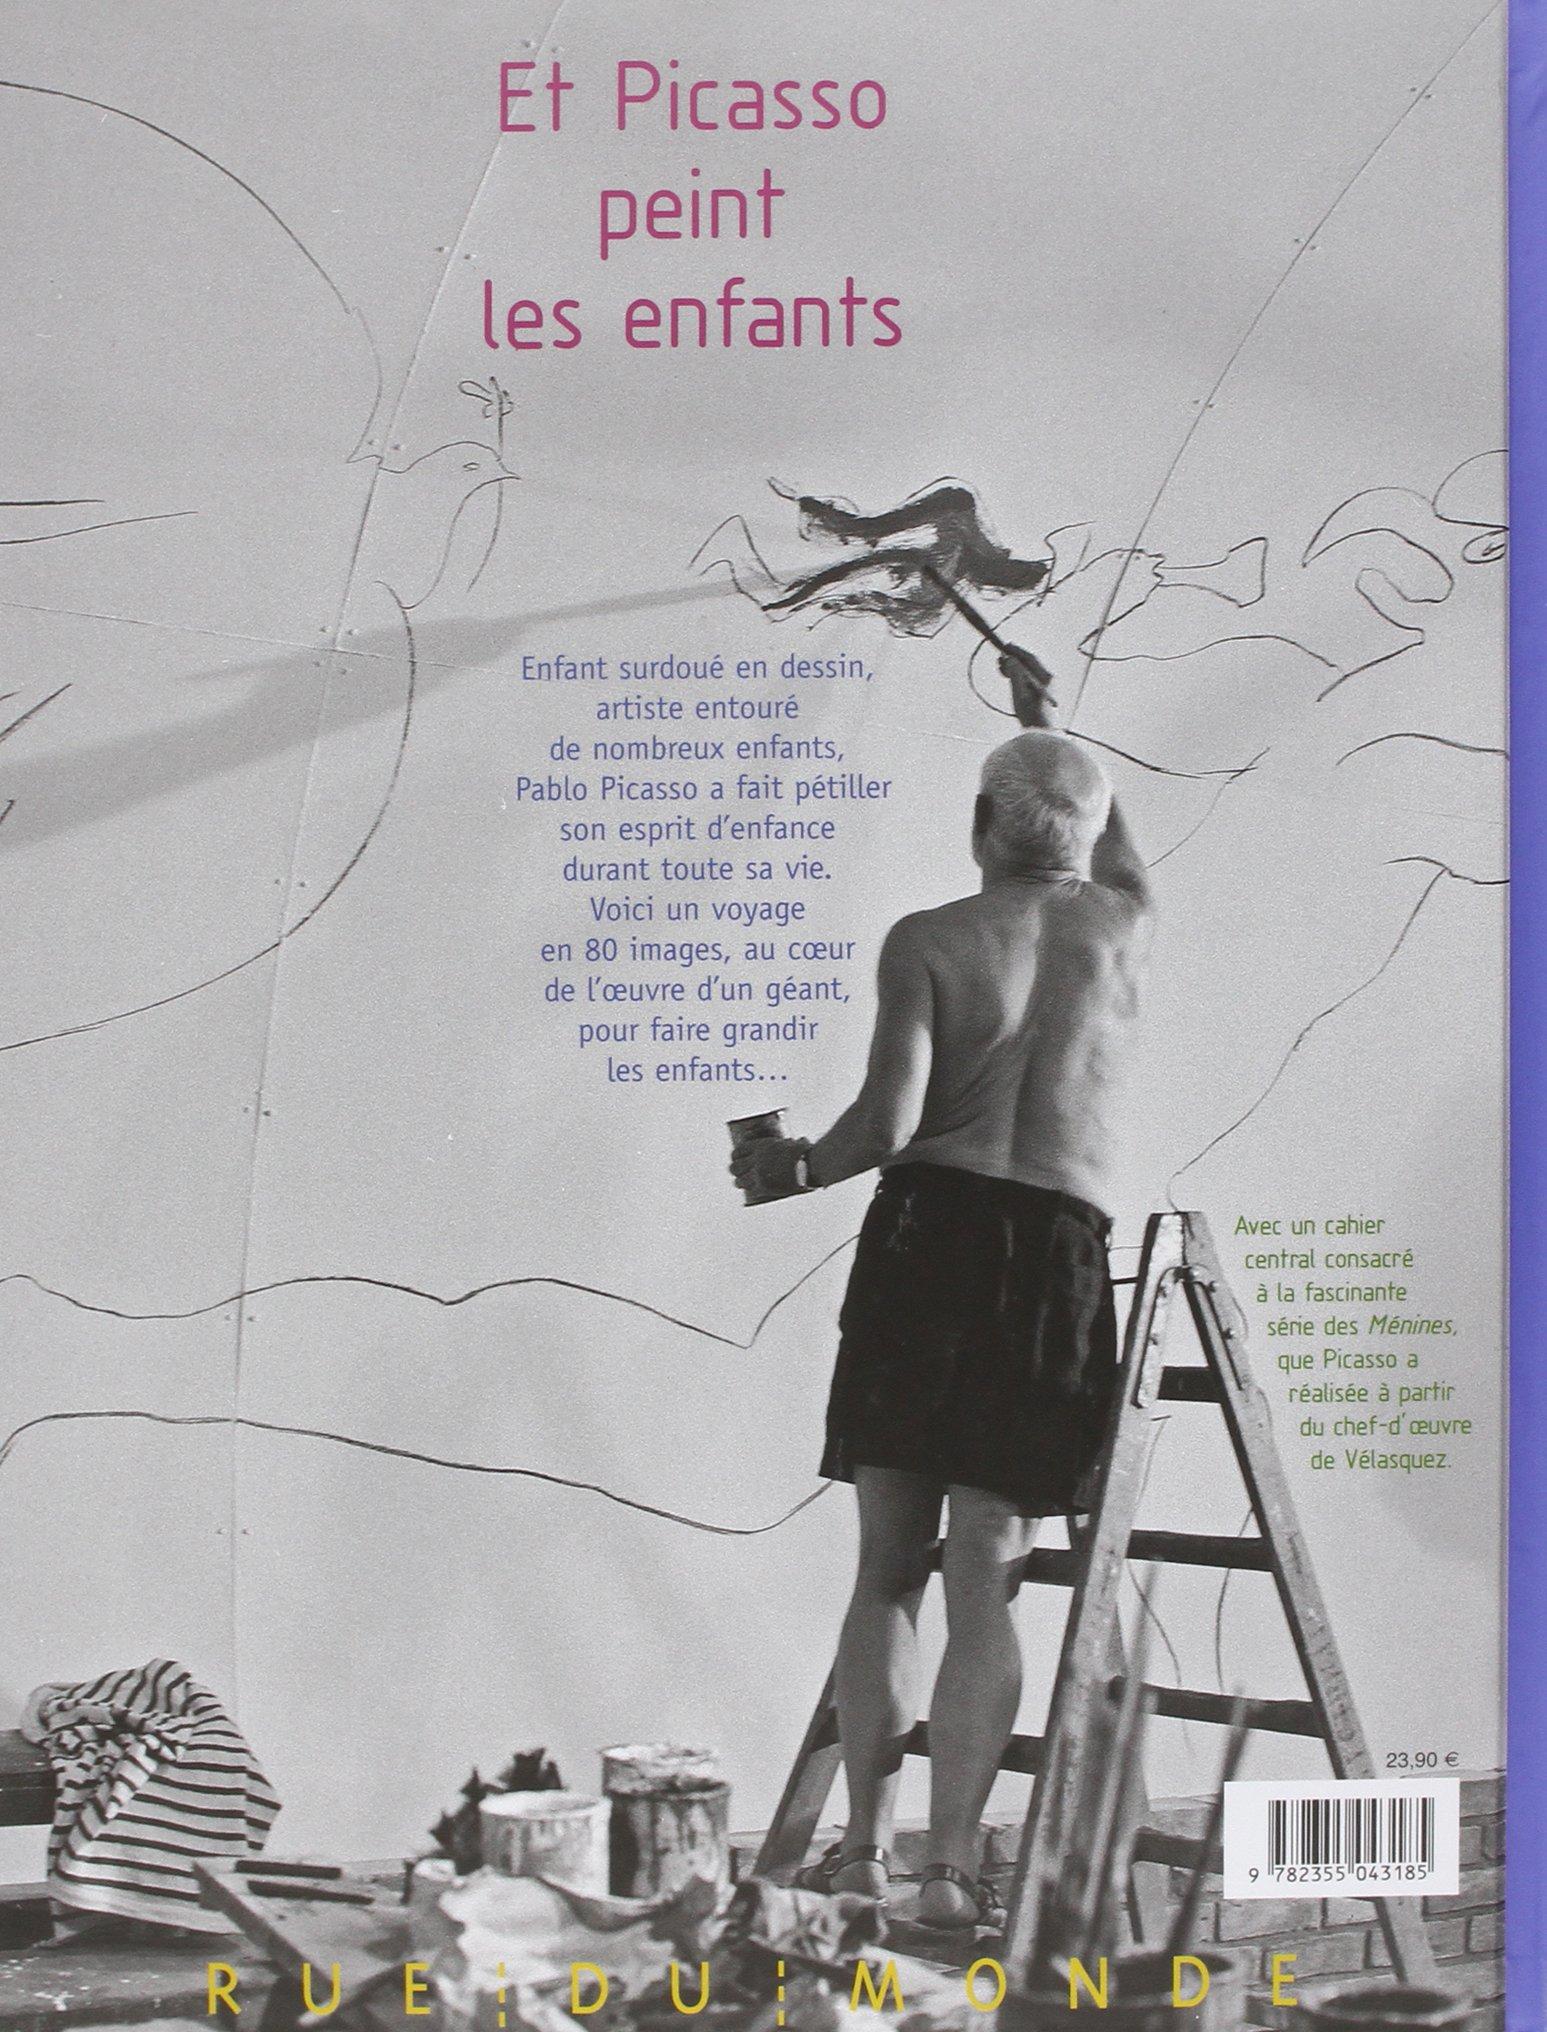 Et Picasso peint les enfants: Alain Serres: 9782355043185: Amazon ...